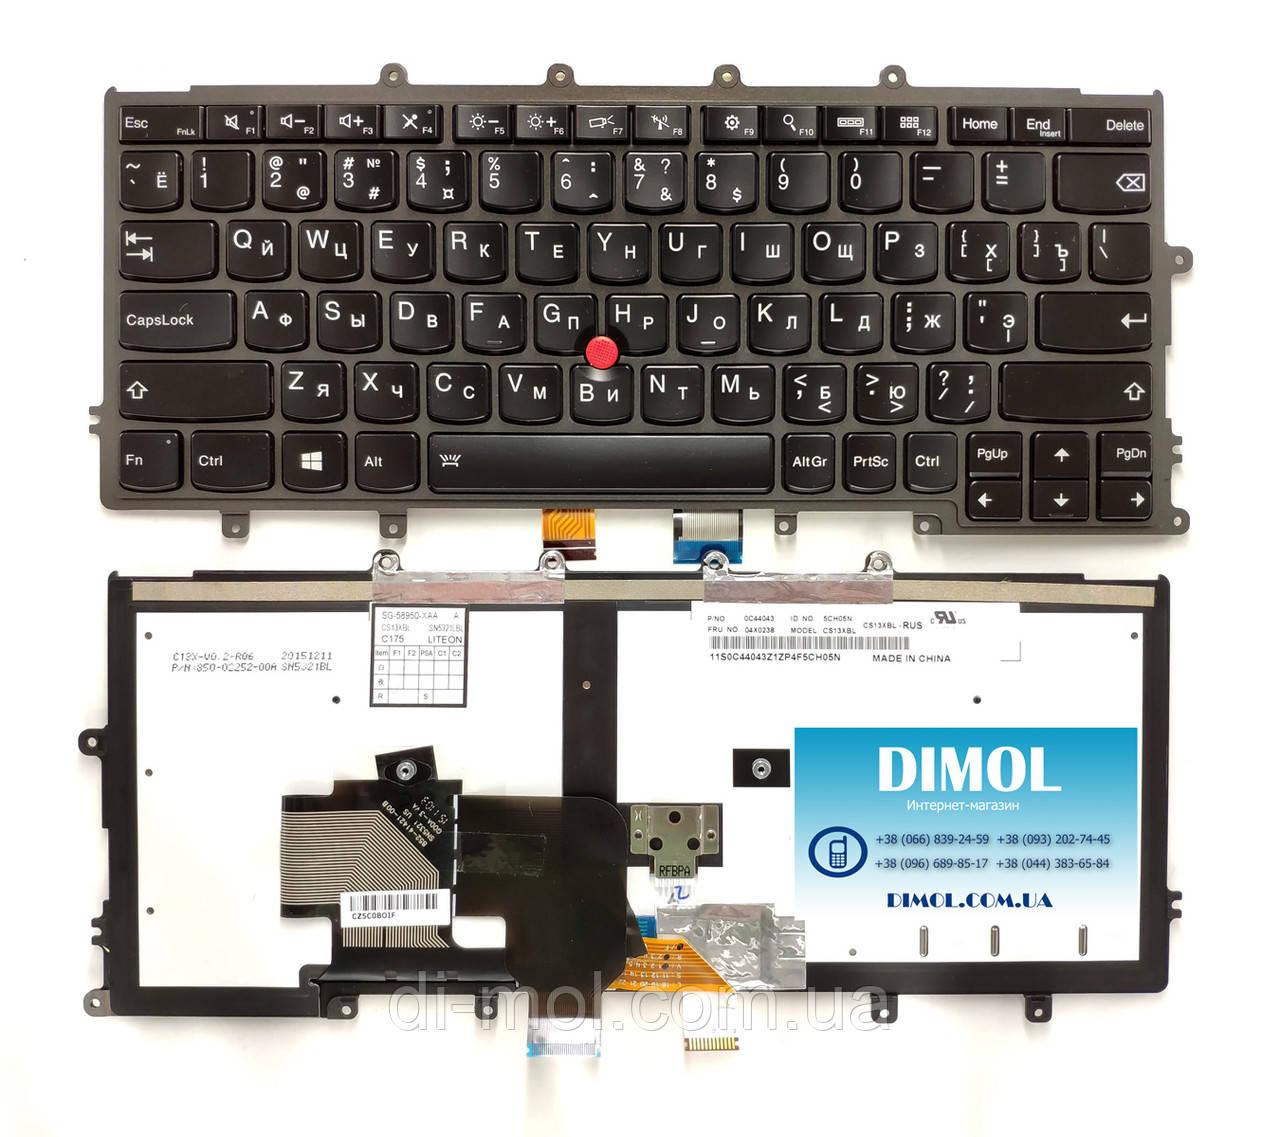 Оригинальная клавиатура для Lenovo ThinkPad X230S, X240, X240S, X240I, X250, X260, X270 series, подсветка